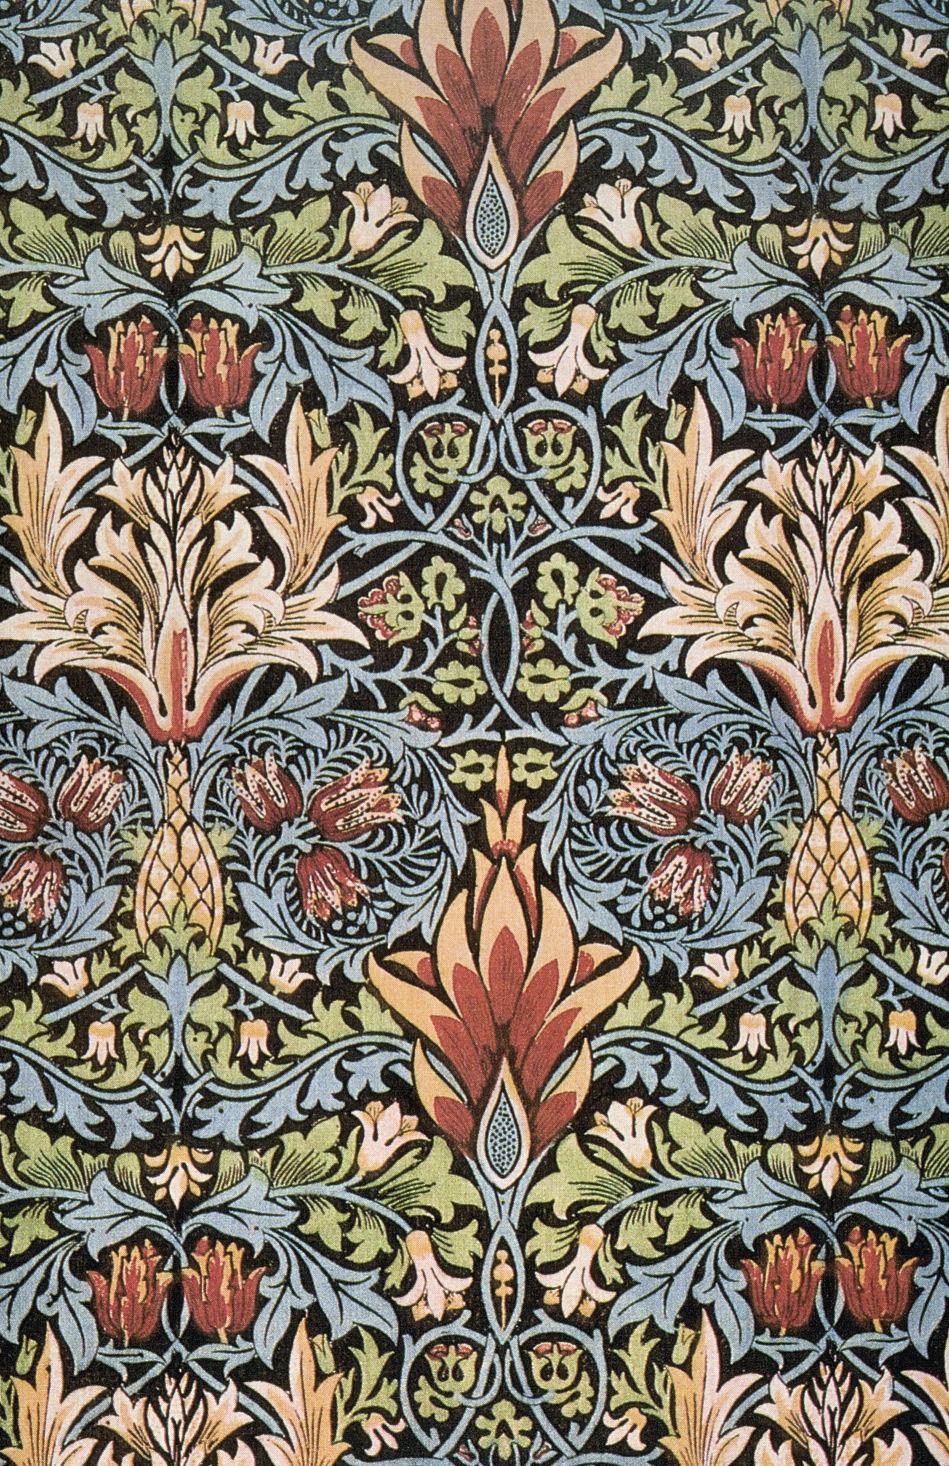 William Morris, 19th Century textile designer and socialist thinker